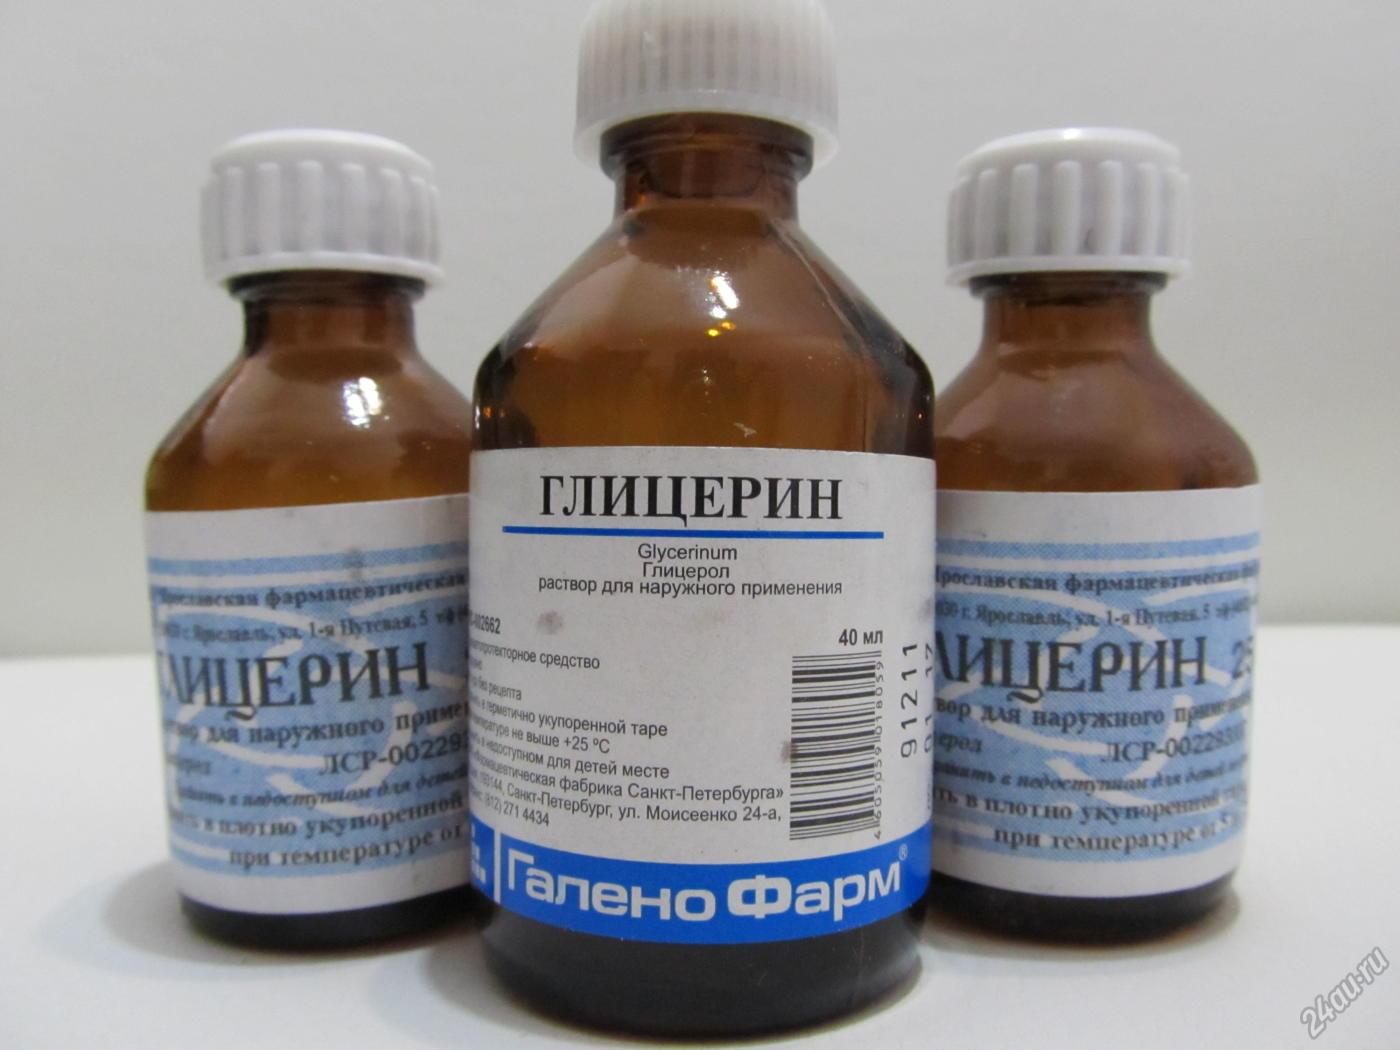 Отличия пищевого глицерина от аптечного: состав, для чего используется